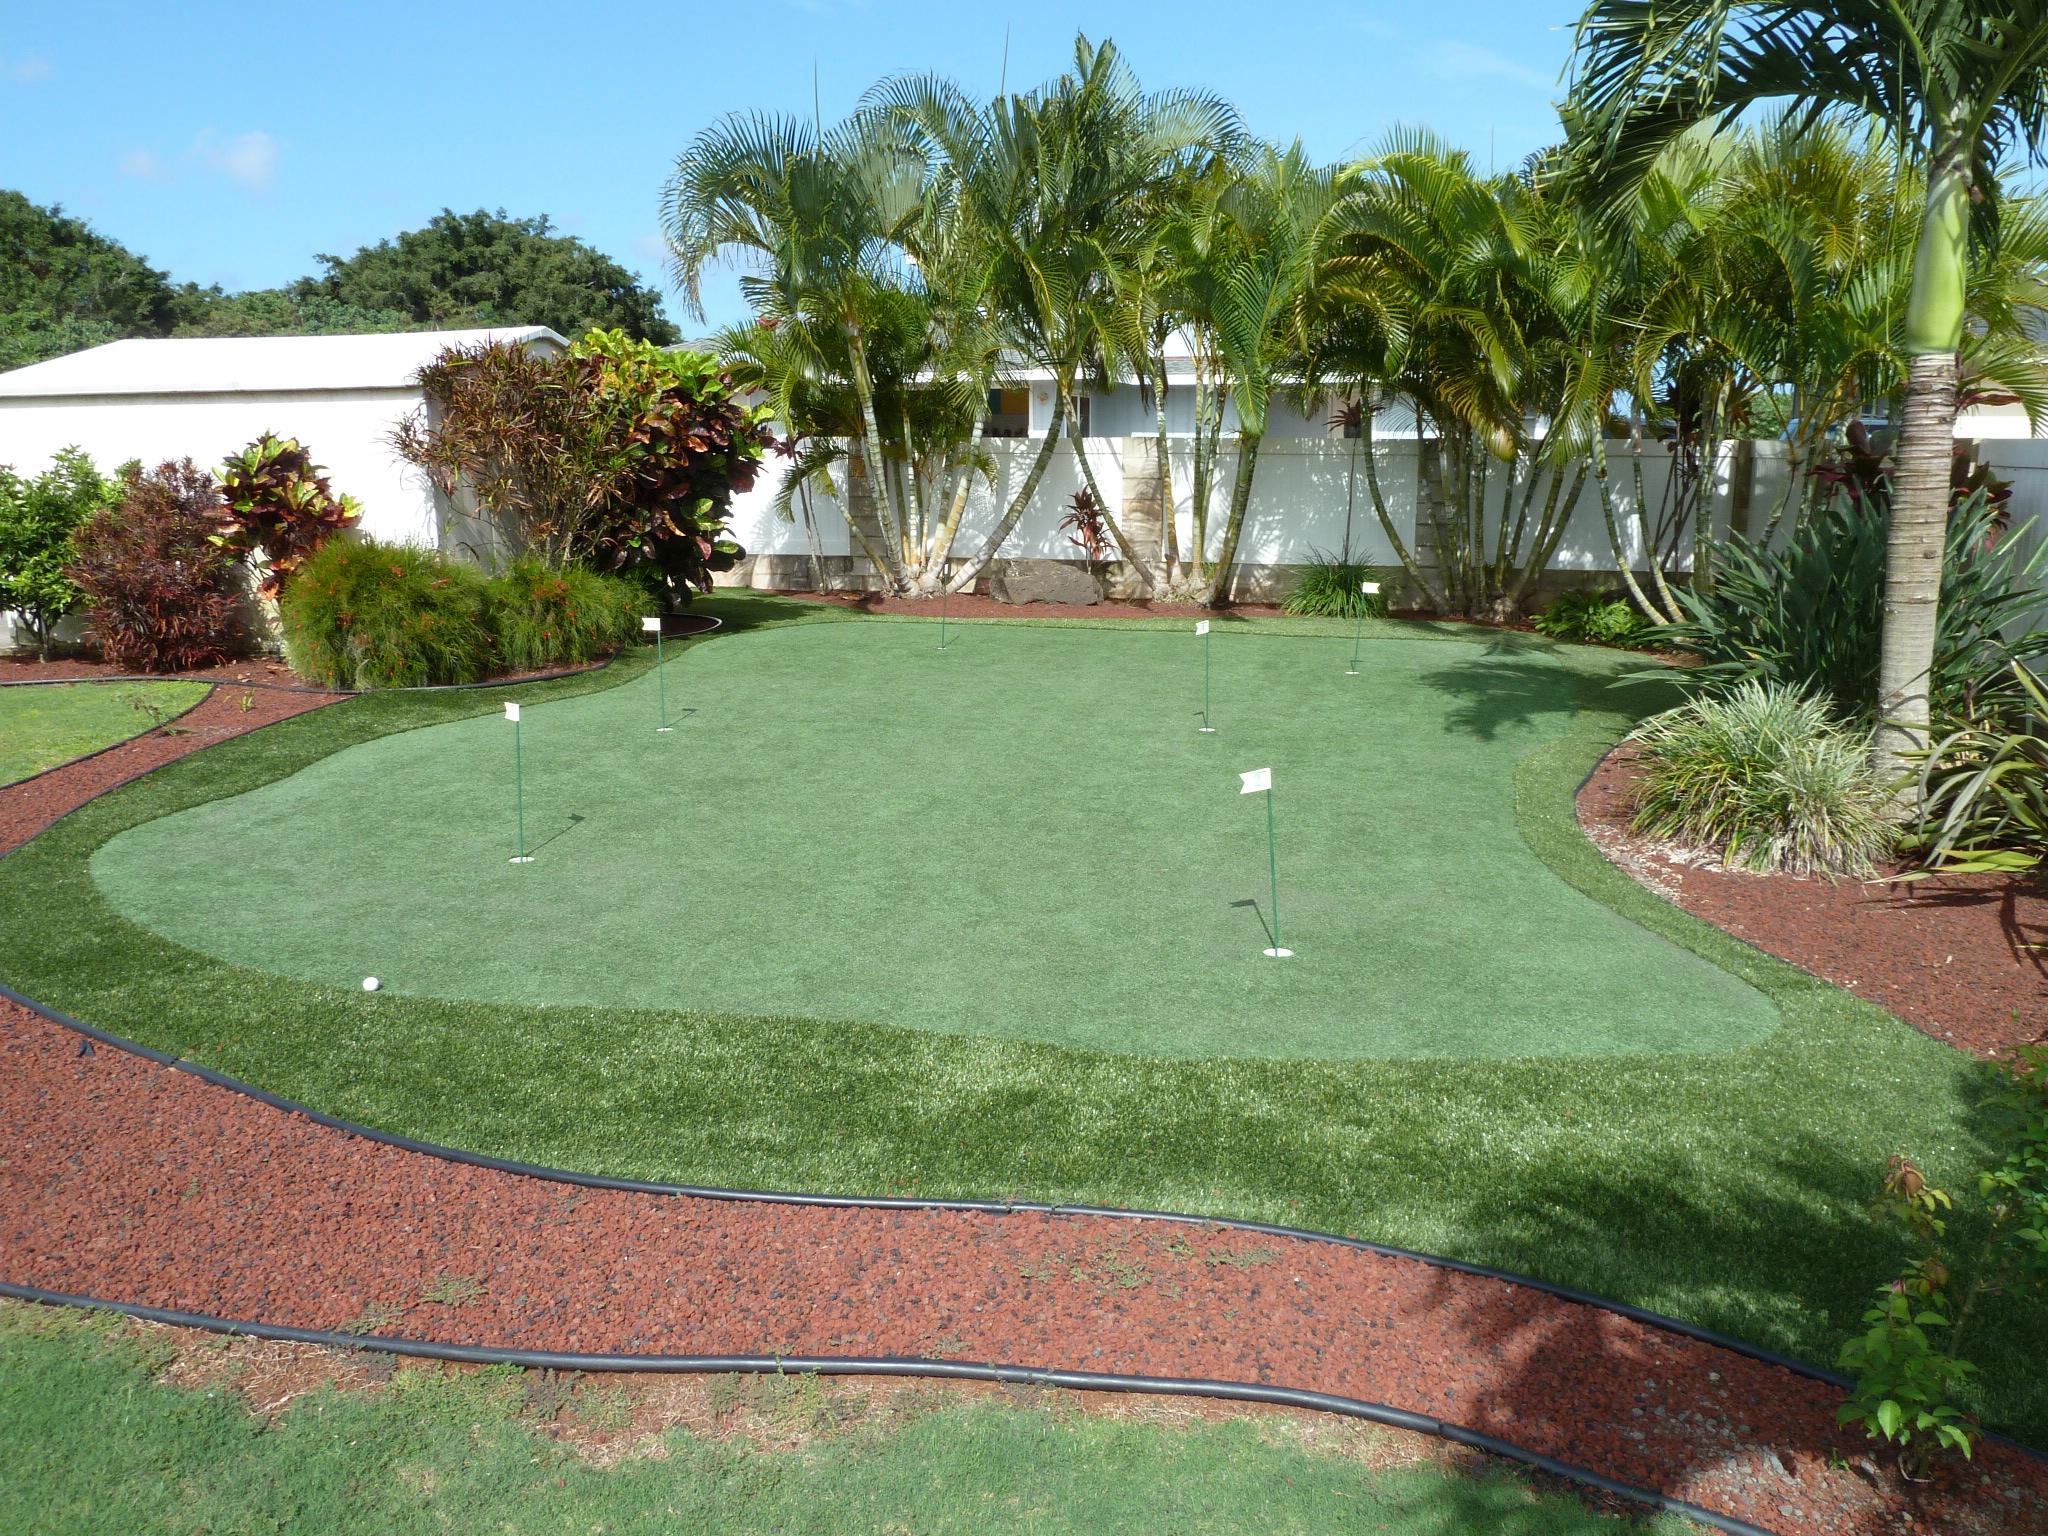 Kauai Backyard Artificial Putting Green | Southwest Greens ...